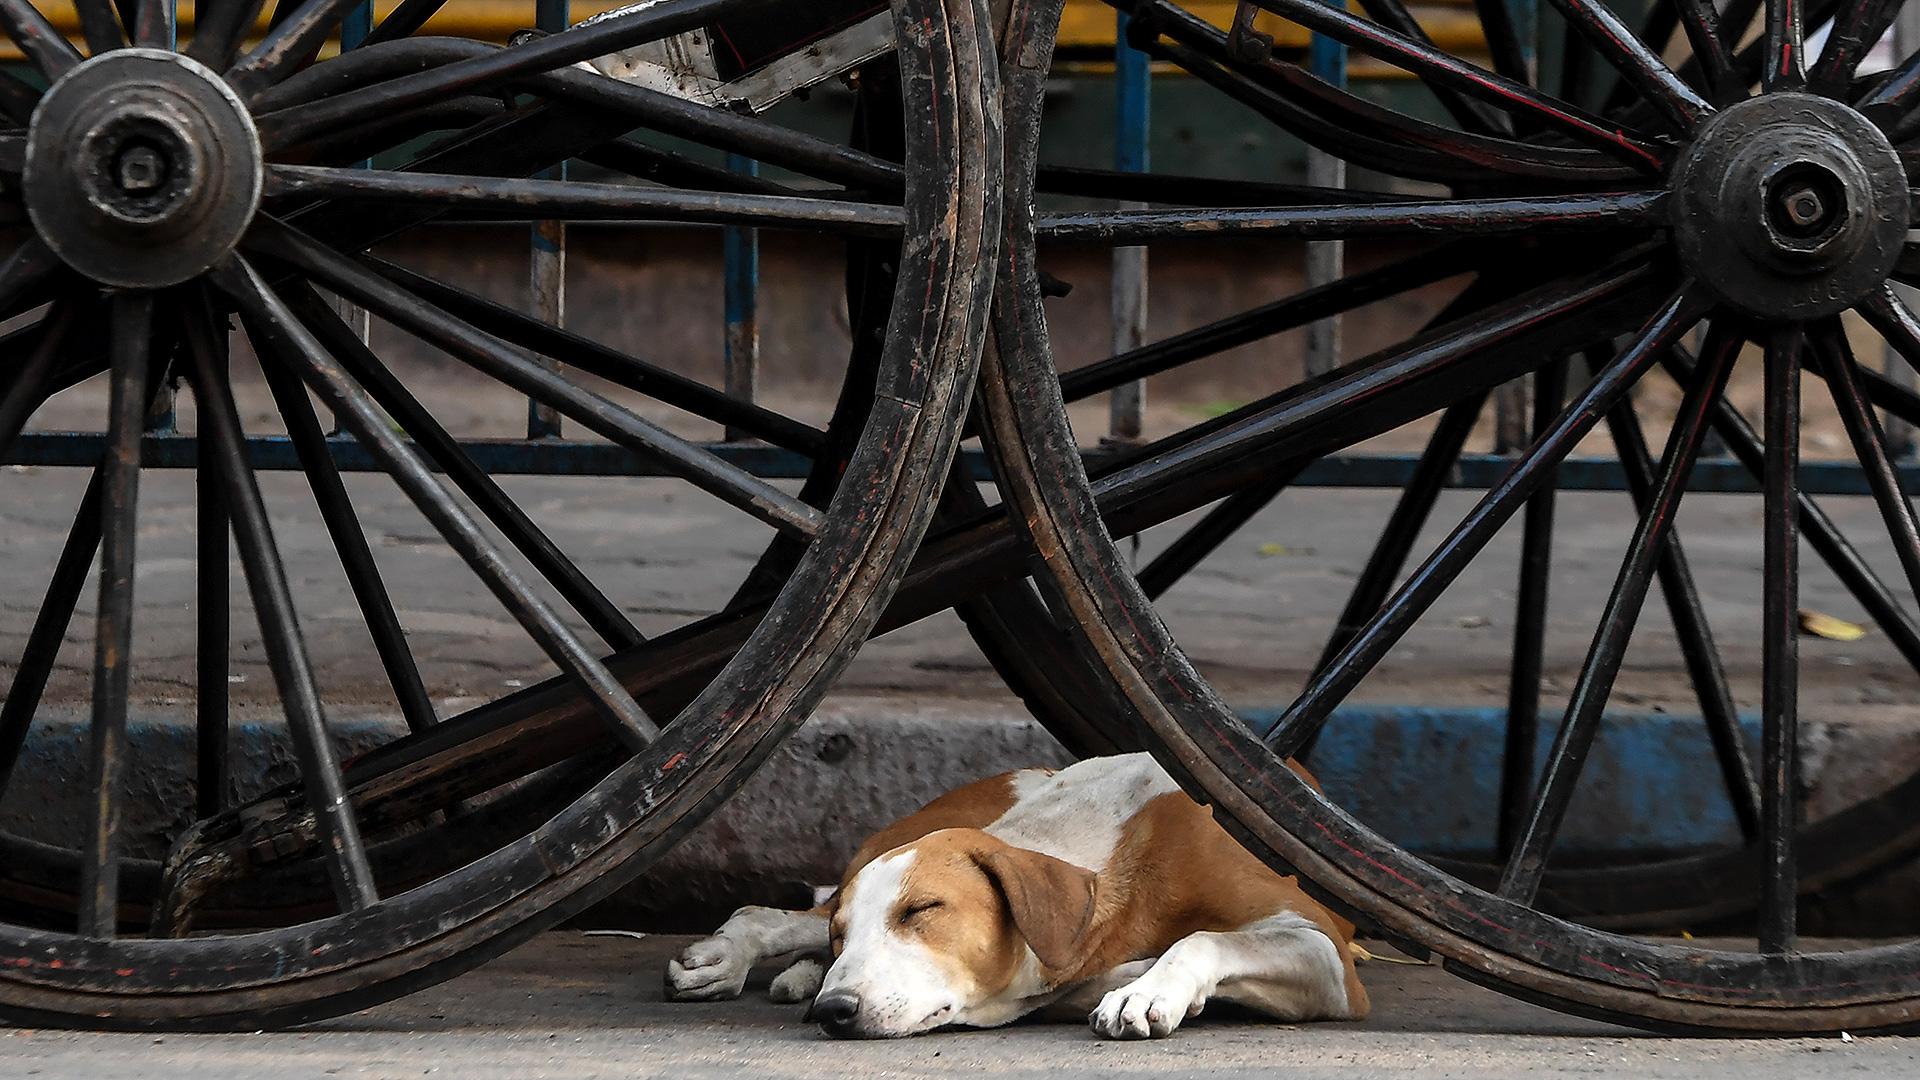 Un perro duerme bajo una carreta en India